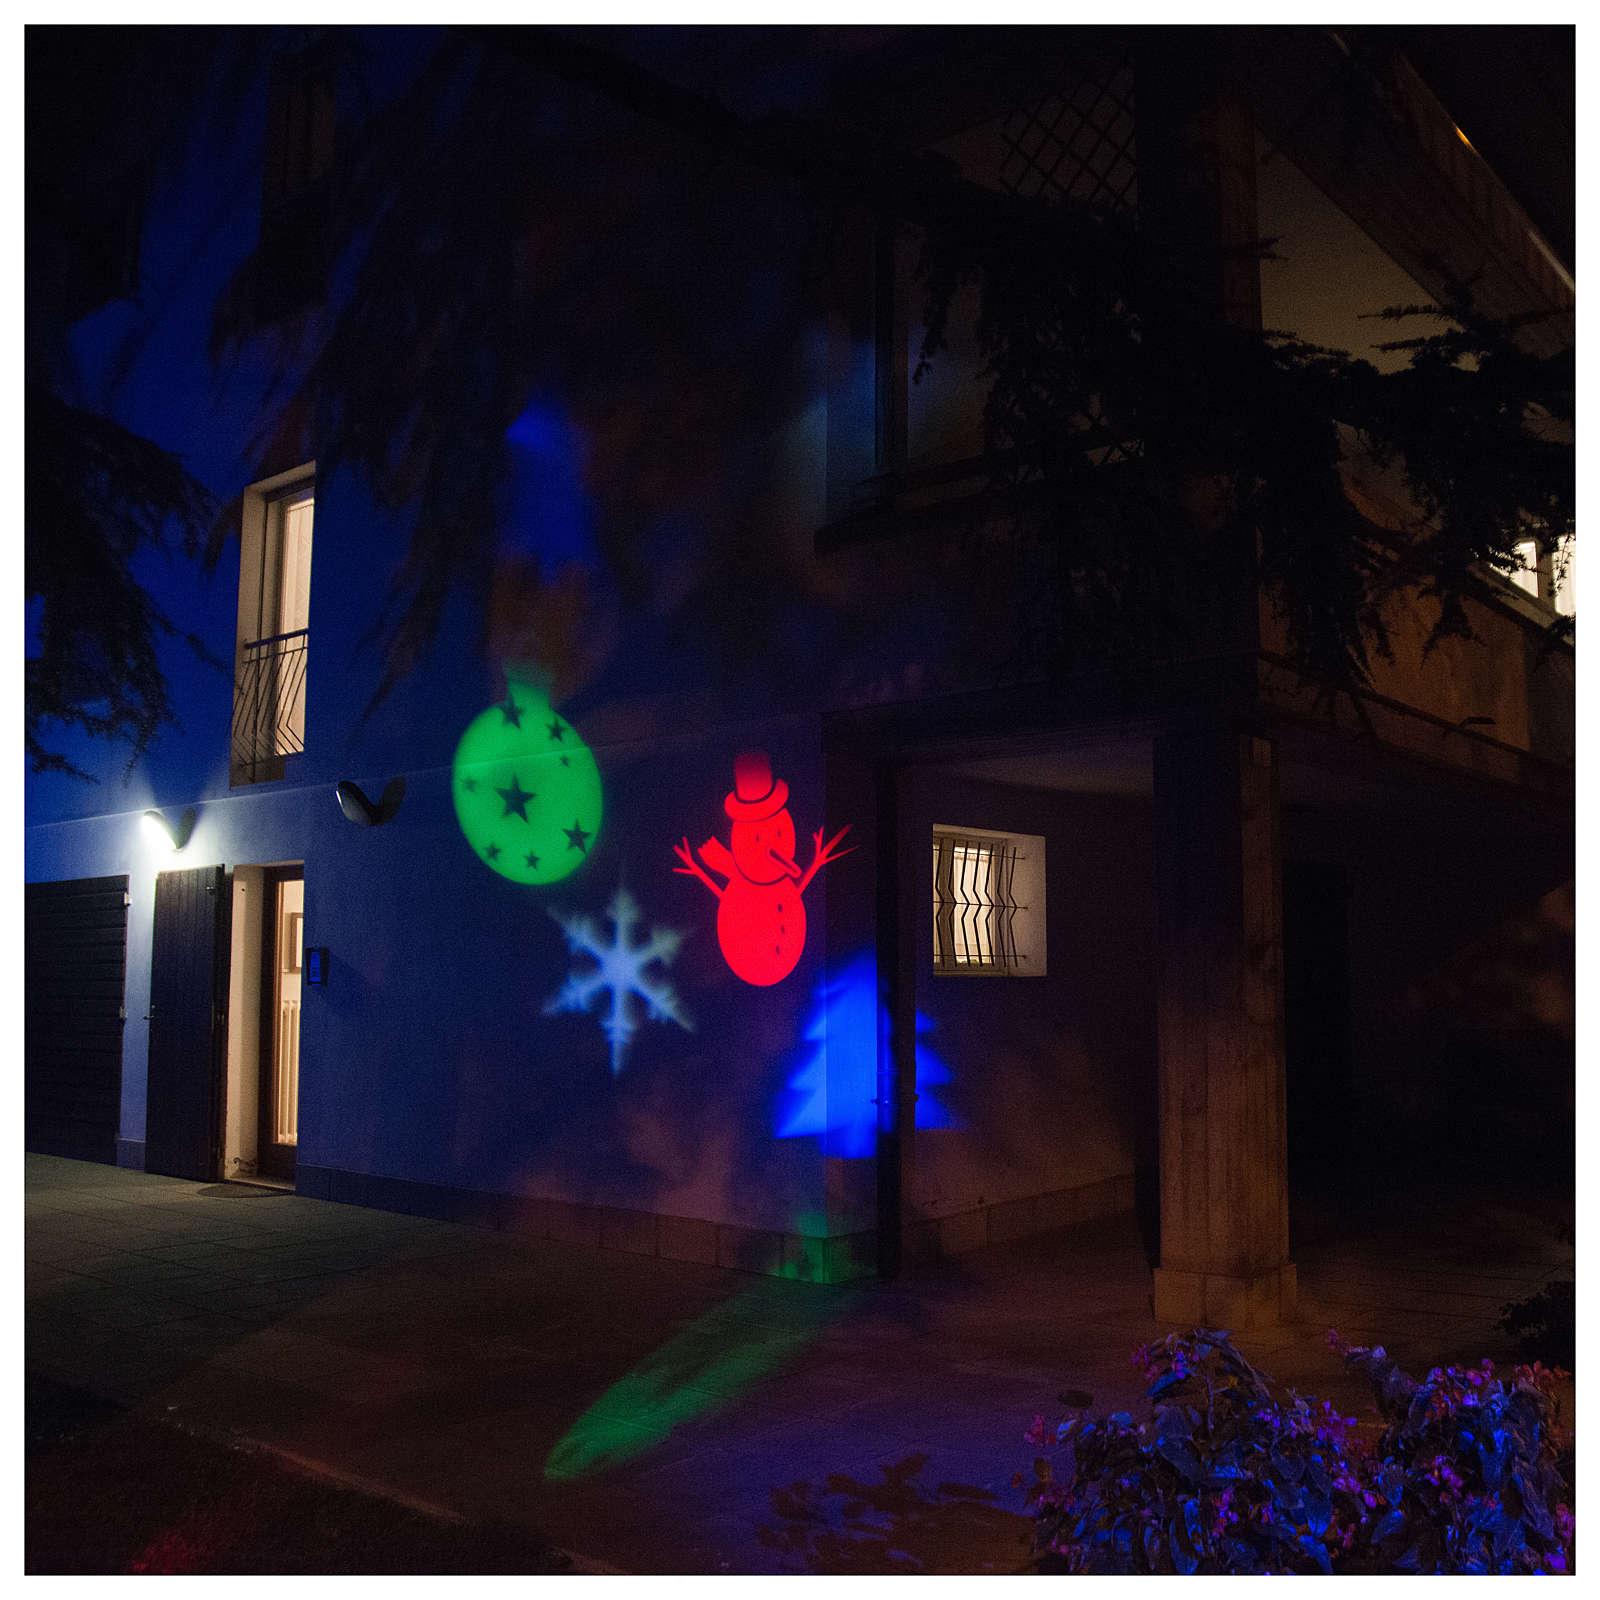 LED-Projektor weihnachtliche Motive für innen und außen | Online ...